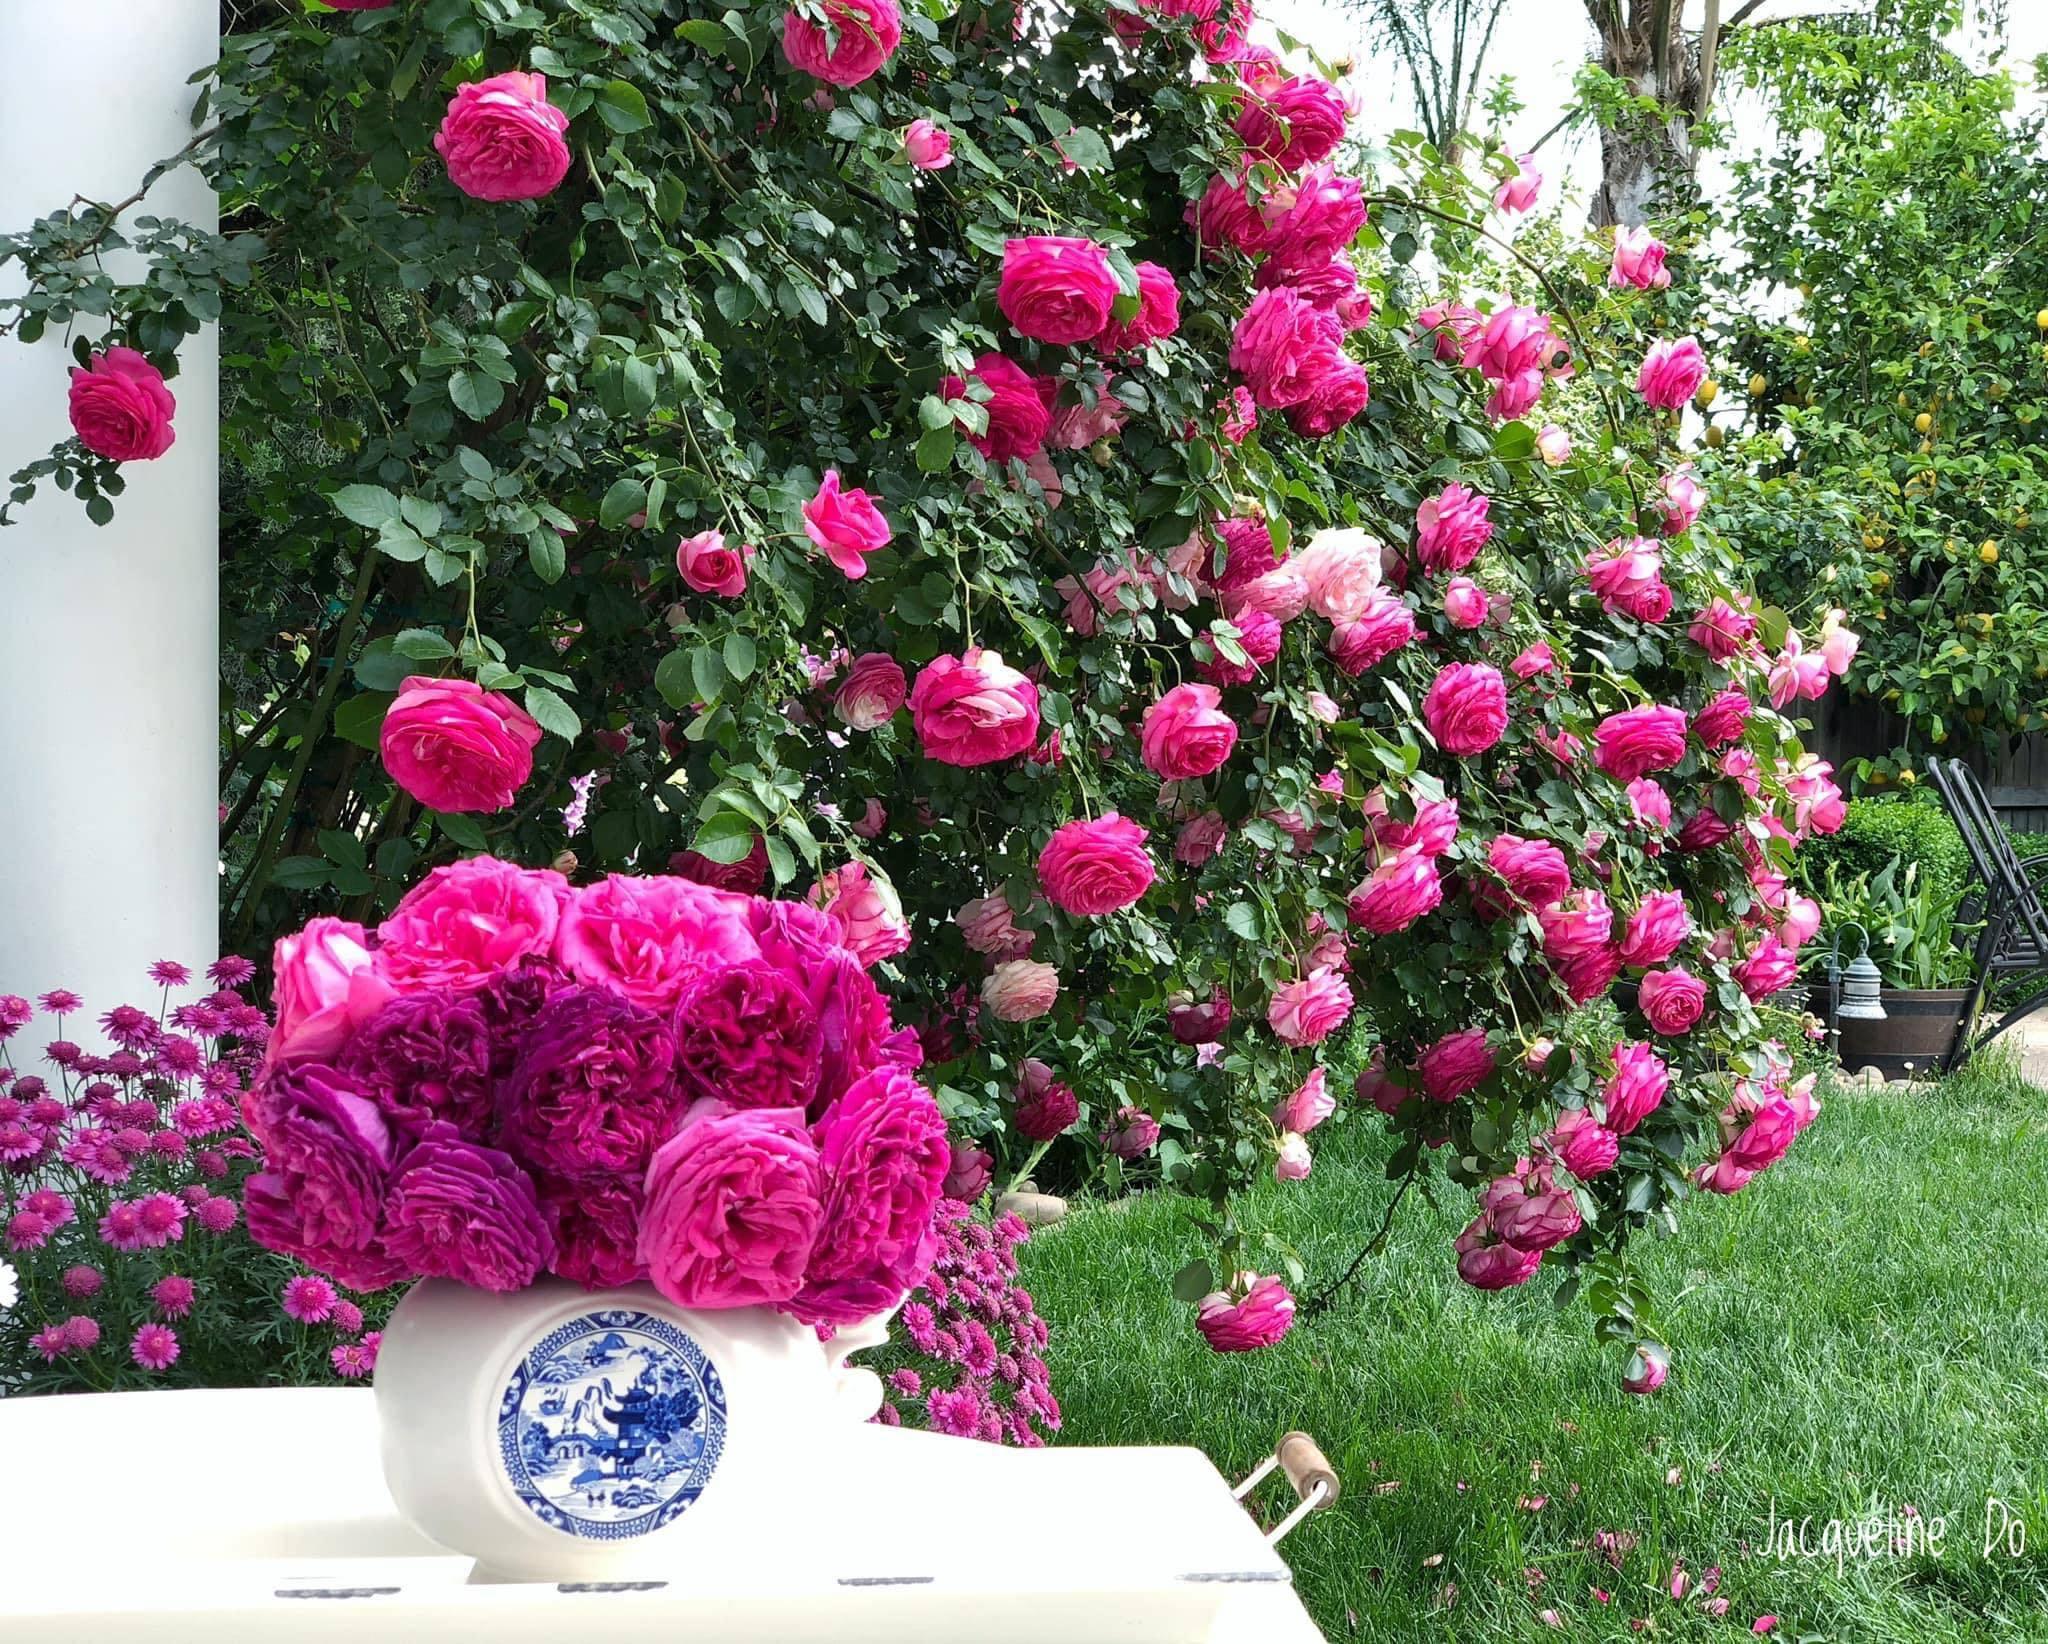 Bà mẹ sở hữu vườn hồng cổ tích: 'Mê hoa như cơn dịch lây lan nhanh'